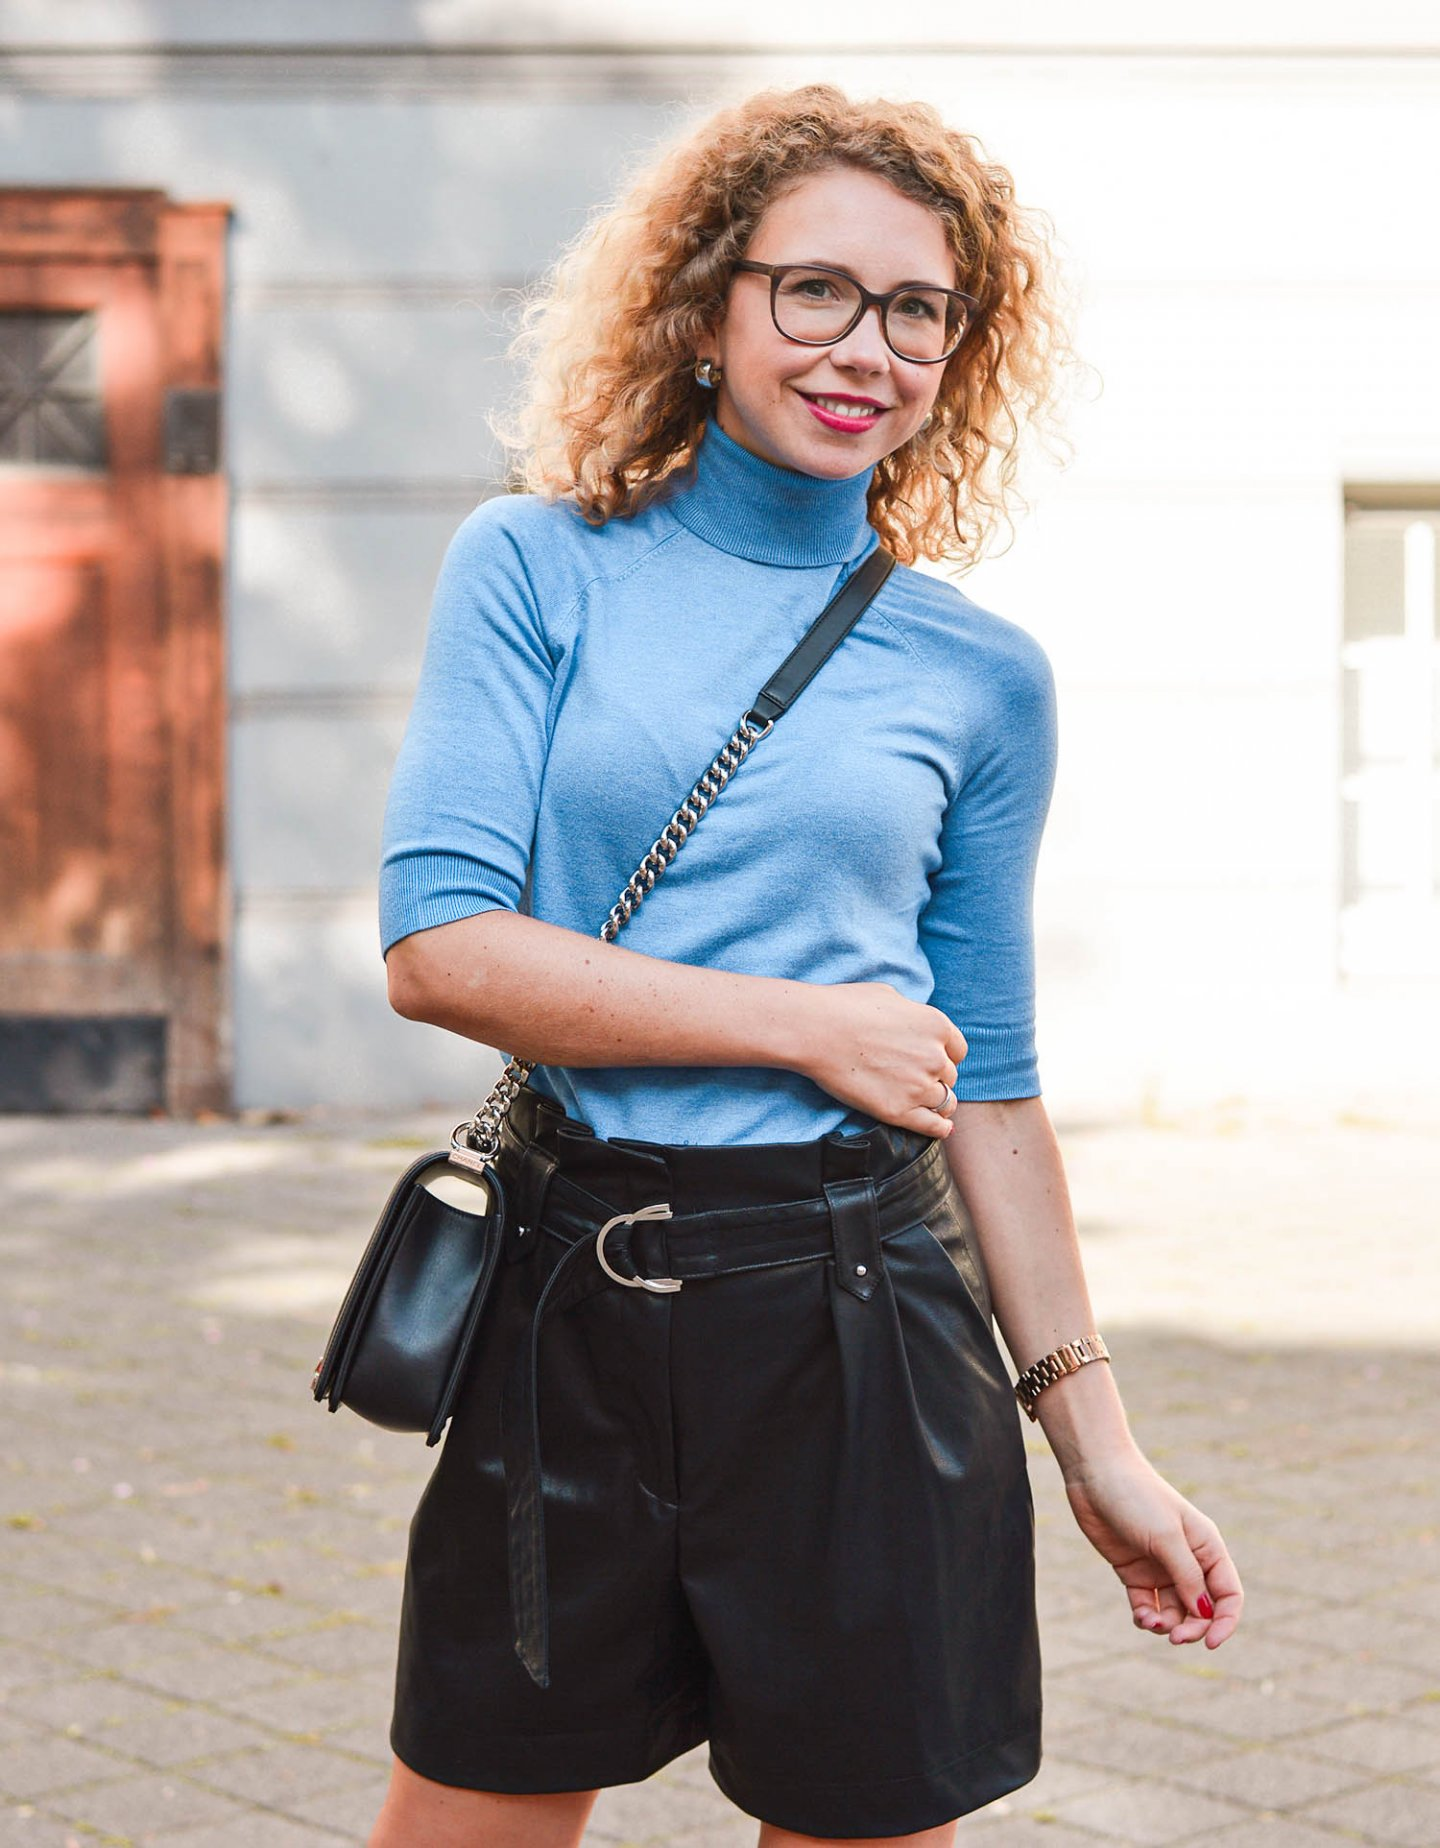 herbstliche Kombi in Blau und Schwarz